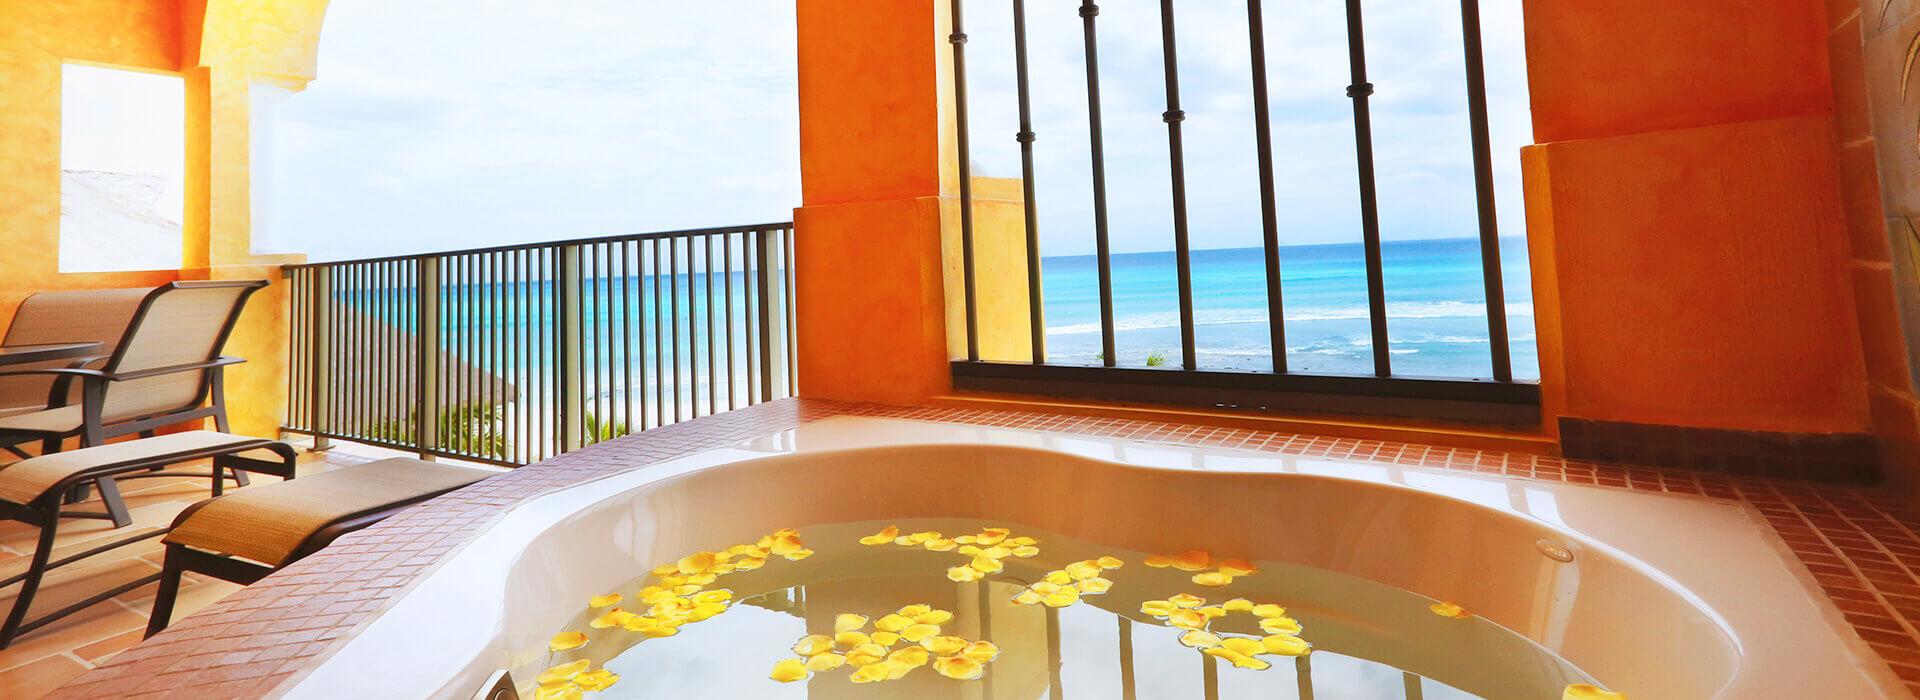 Riviera Maya family vacations